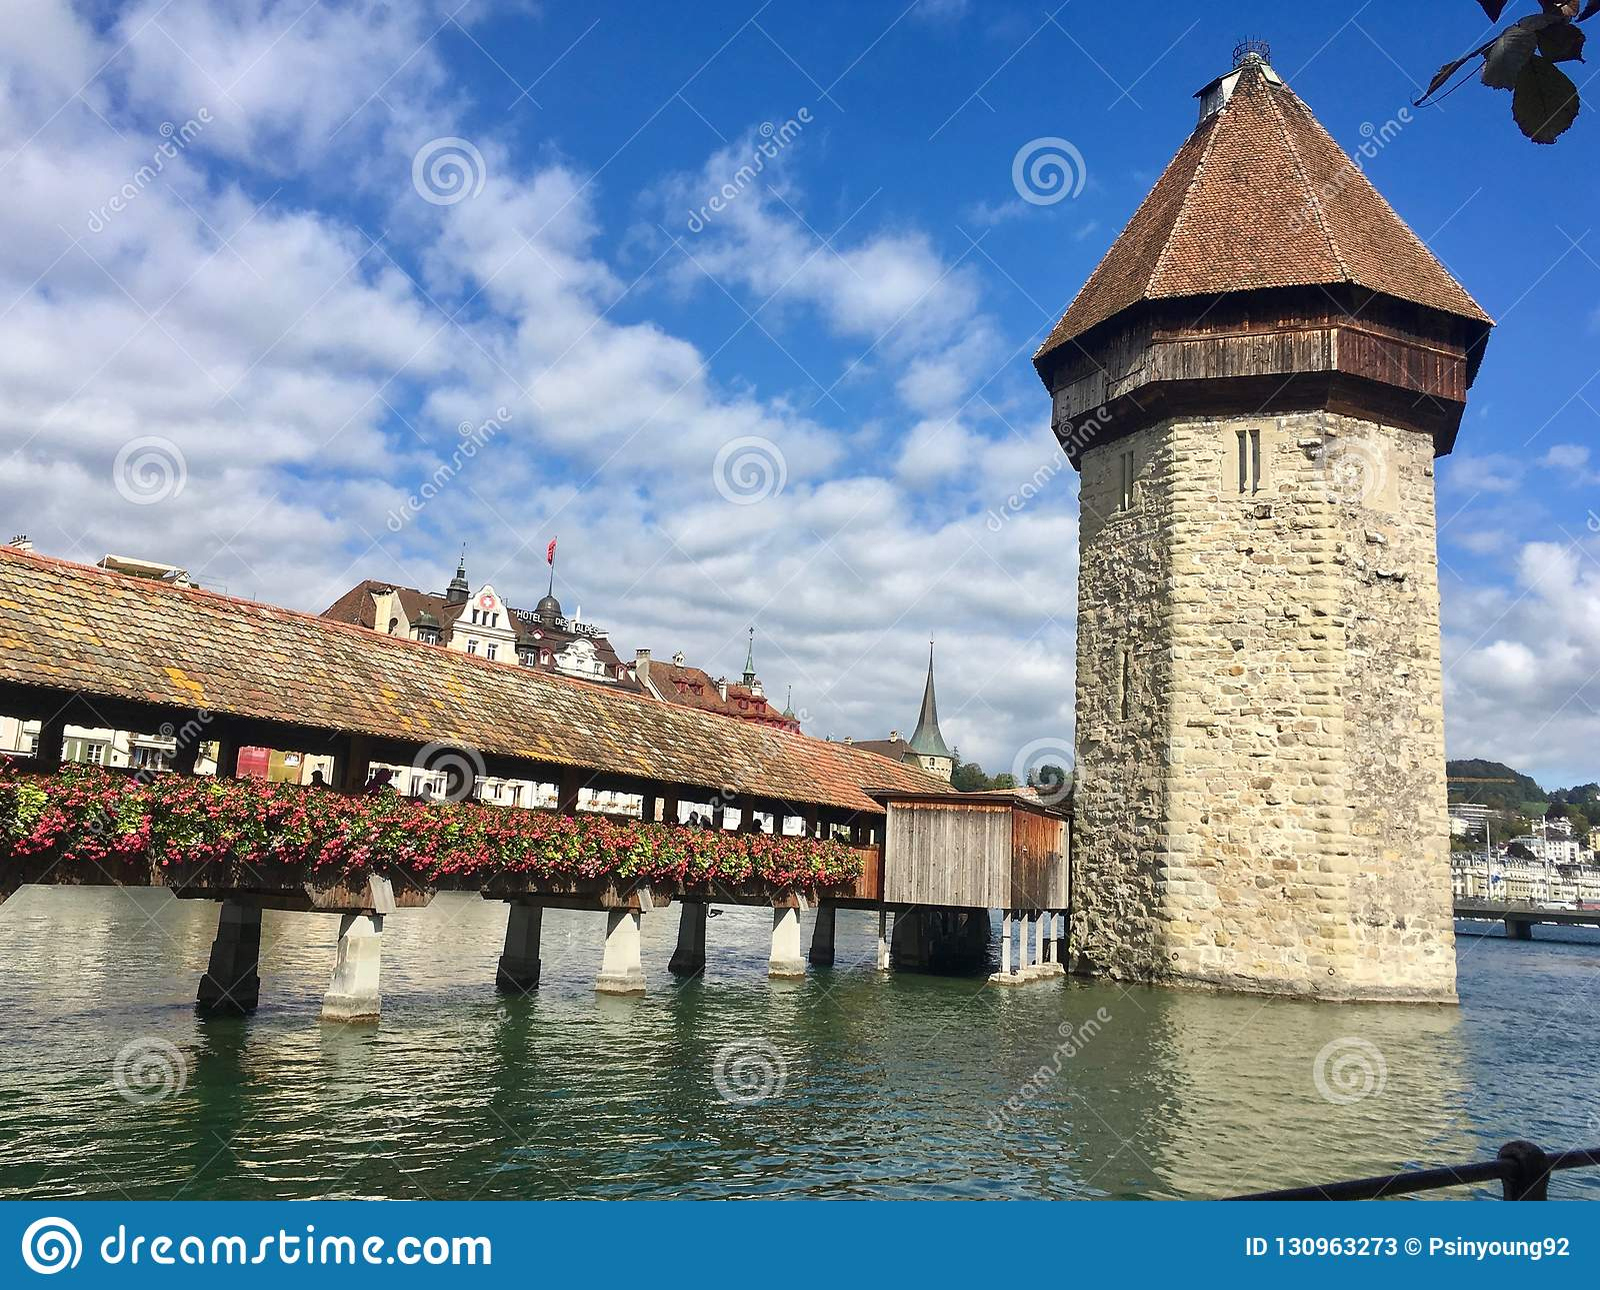 Manier aan Beroemde Toren in de Water het Lopen Reis, Luzerne, Luzern